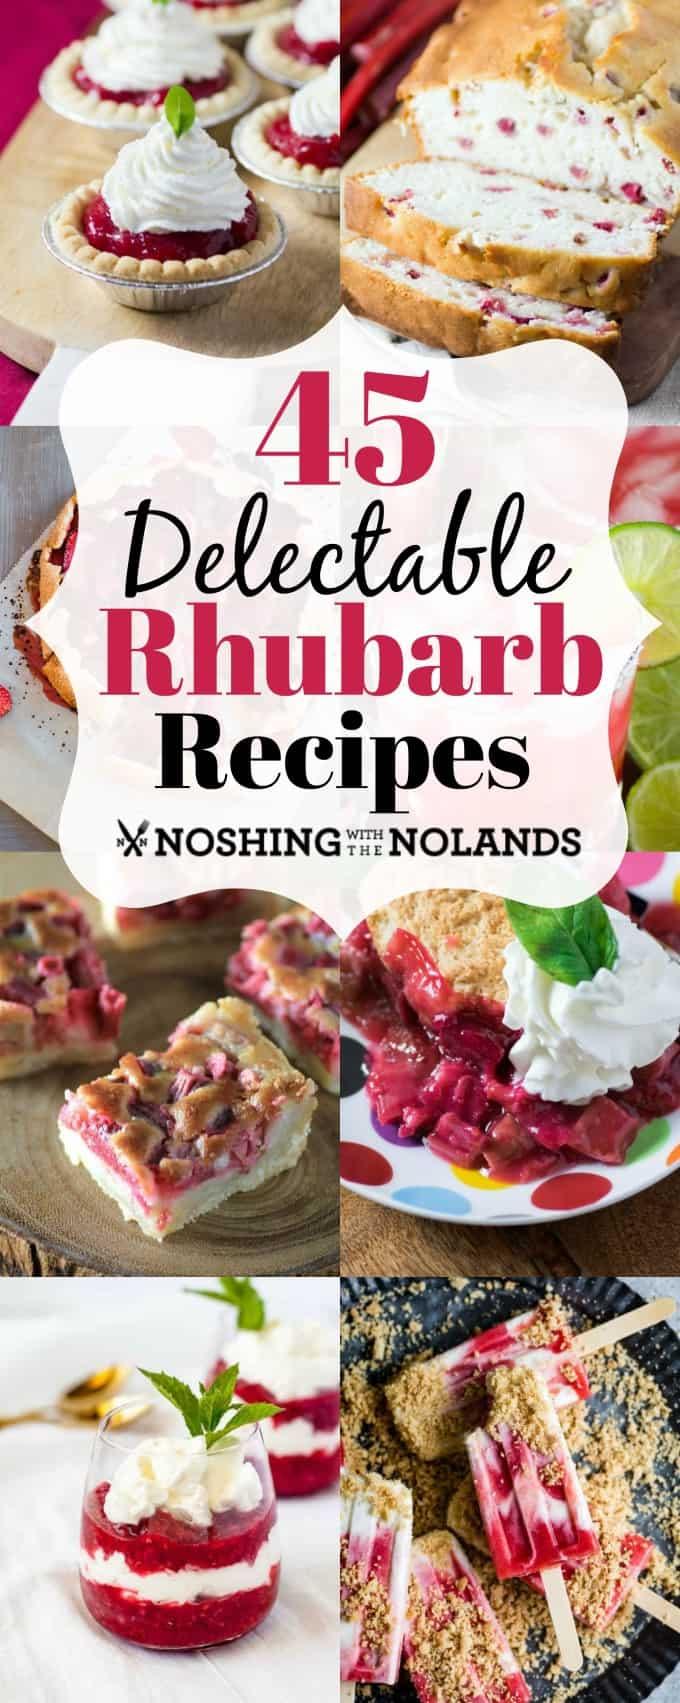 ¡45 deliciosas recetas de ruibarbo le ofrecerán recetas para disfrutar todo el año! # ruibarbo # recetas # postre